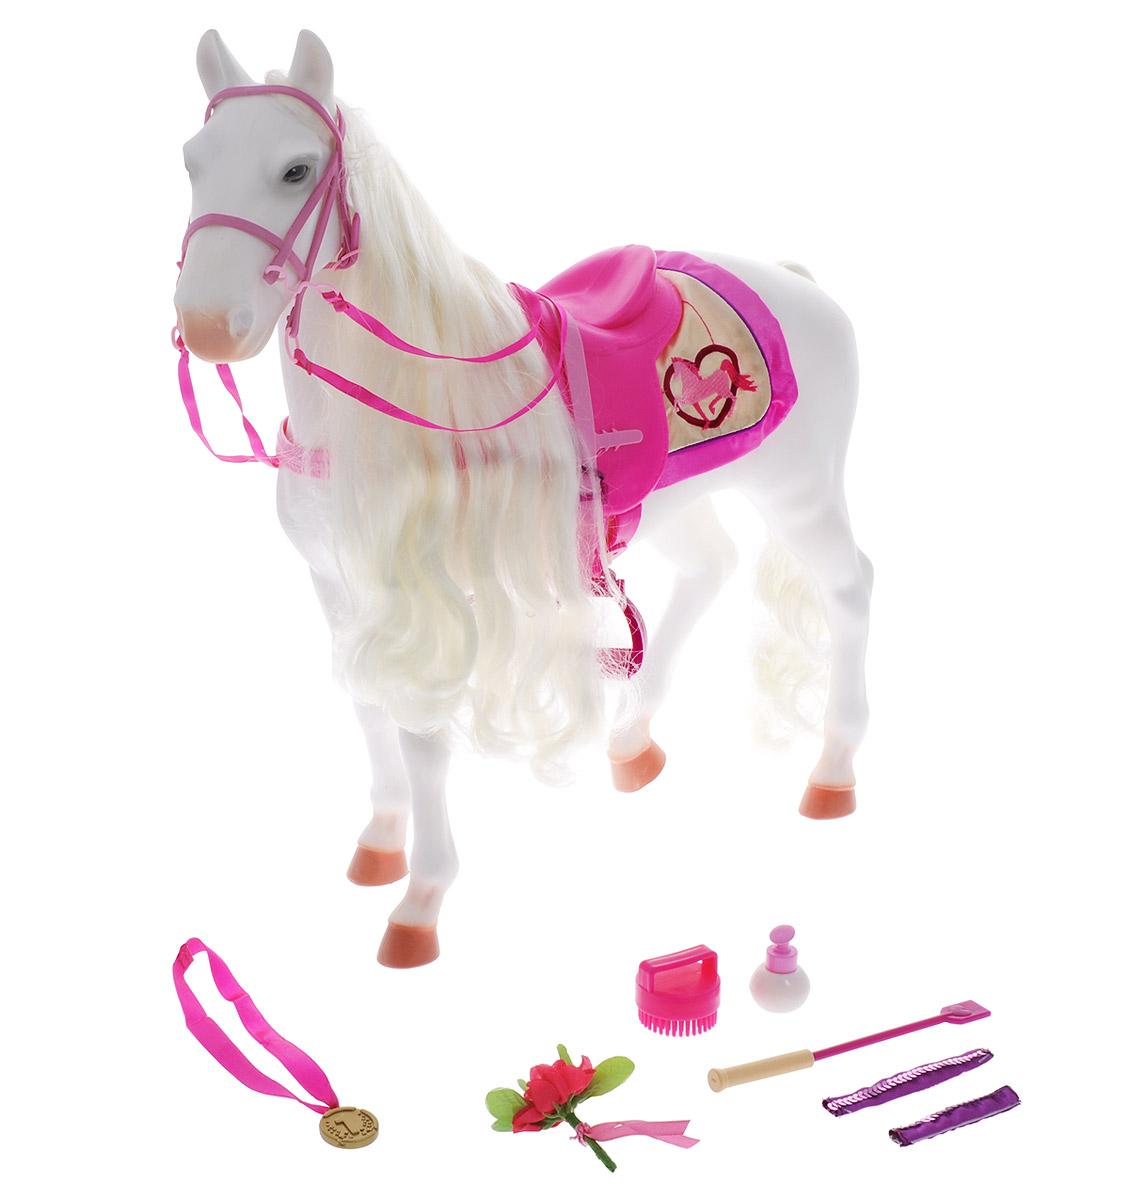 Our Generation Лошадь Камарилло11572Лошадь Our Generation Камарилло с аксессуарами - это лошадь для кукол породы Камарилло белого цвета с роскошной гривой и хвостом. В комплекте есть все необходимое, чтобы заботиться об этом животном: красивое седло, попона, уздечка, медаль, цветок, щетка, емкость с пульверизатором, хлыст, пособие по дрессуре, пара украшений. Лошадь подойдет для куклы высотой 46 см. Игрушка выполнена из качественного и экологически чистого цельного пластика. Красивая большая коробка, выполненная в виде стойла, будет отличным домиком для лошади. Лошадь Our Generation Камарилло обязательно понравится вашему ребенку и внесет еще больше разнообразия в игры с куклами.